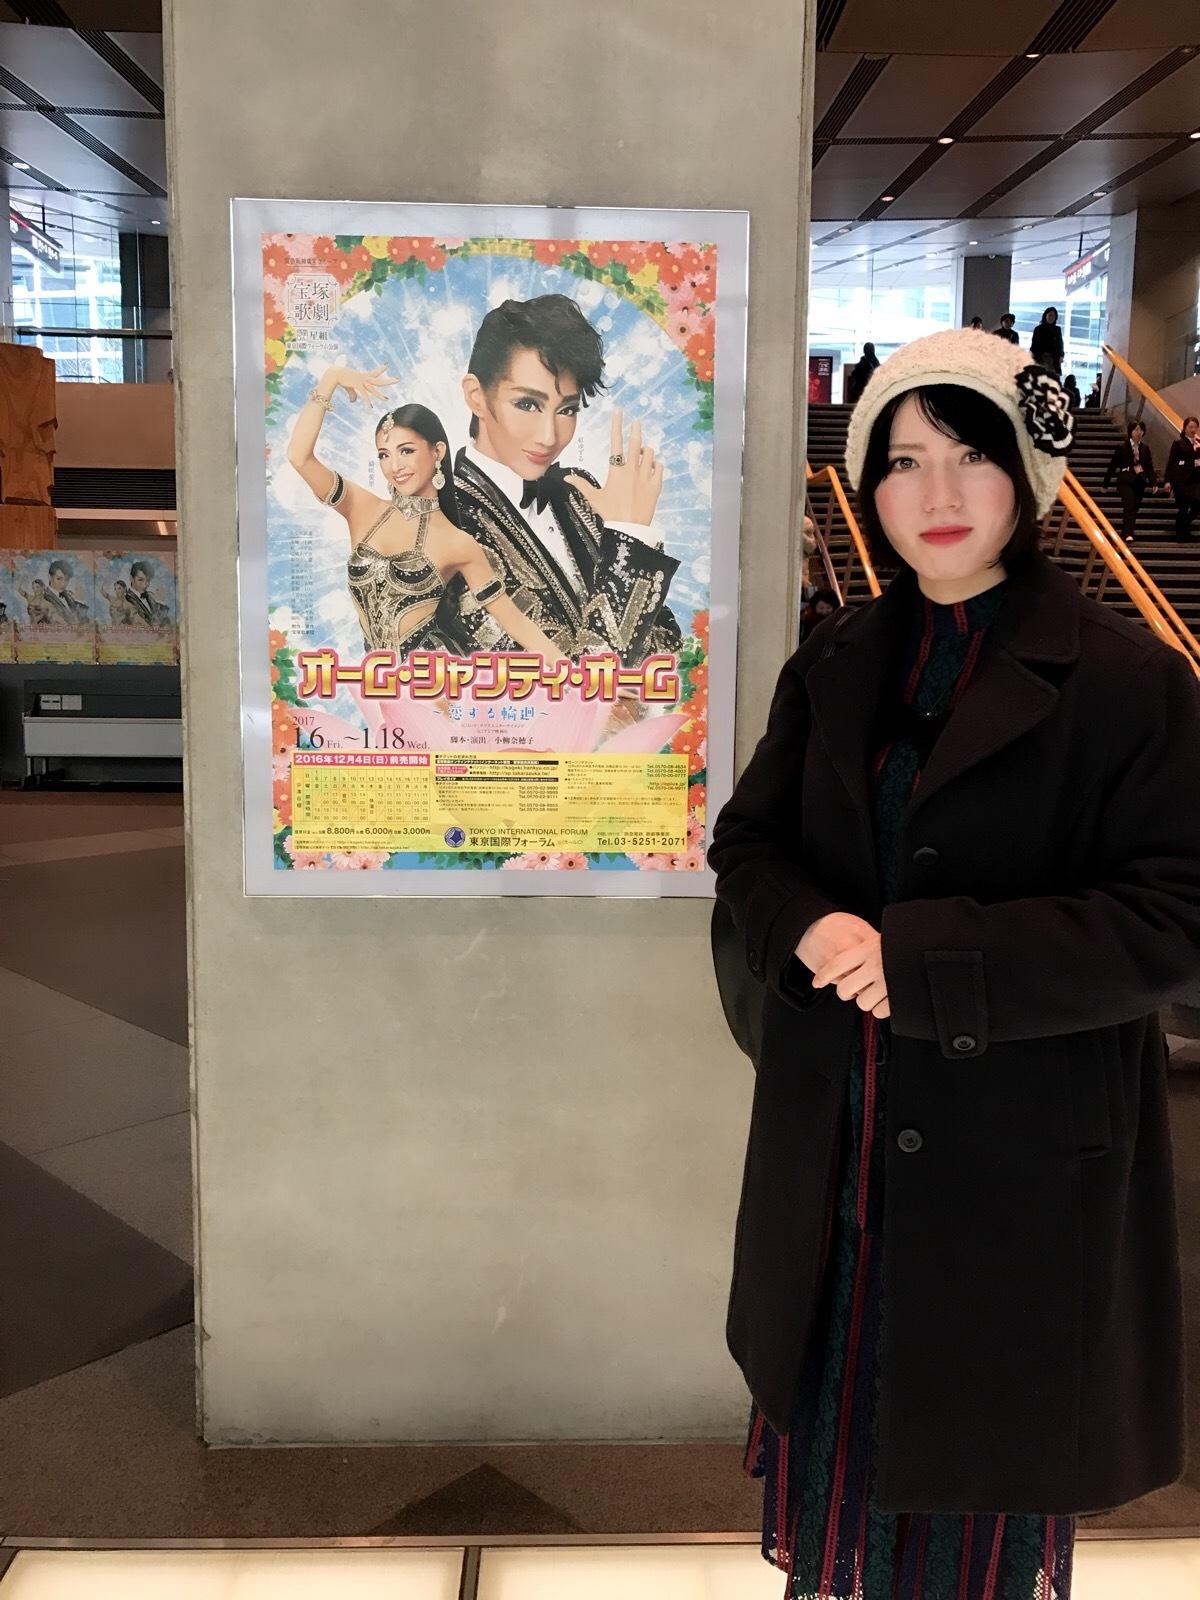 『恋する輪廻 オーム・シャンティ・オーム』を観て参りました!_a0218340_00002564.jpg